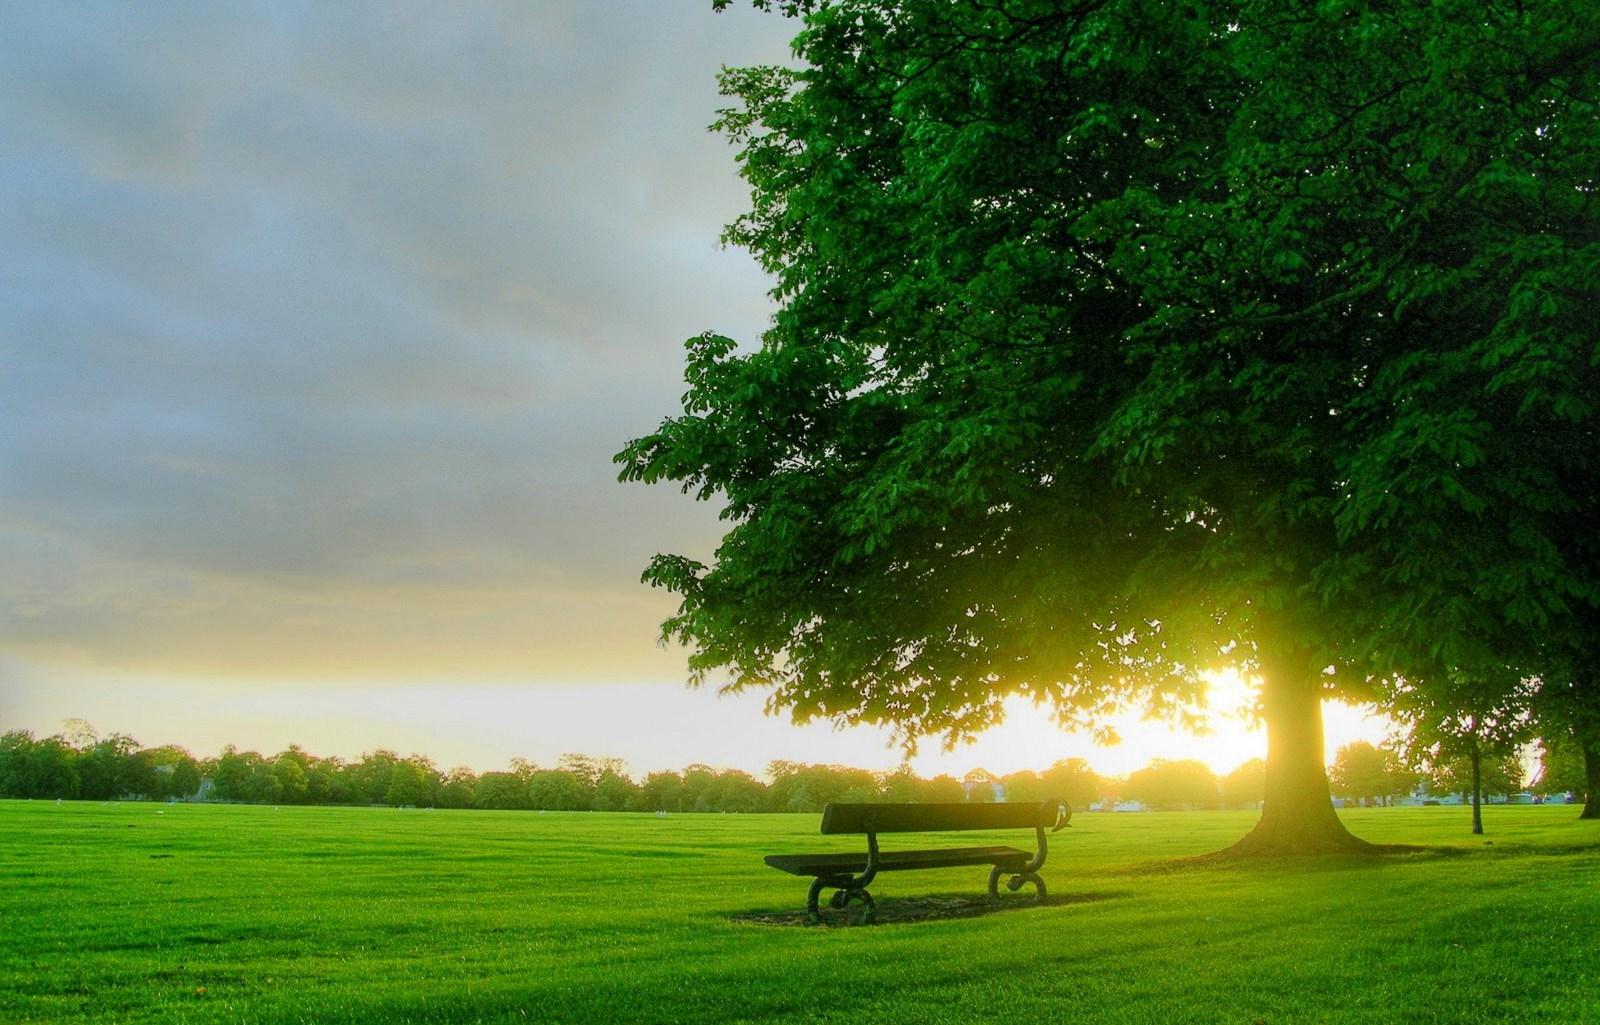 Manfaat Dan Bahaya Sinar Matahari Bagi Kesehatan Manfaat Dan Bahaya Sinar Matahari Bagi Kesehatan